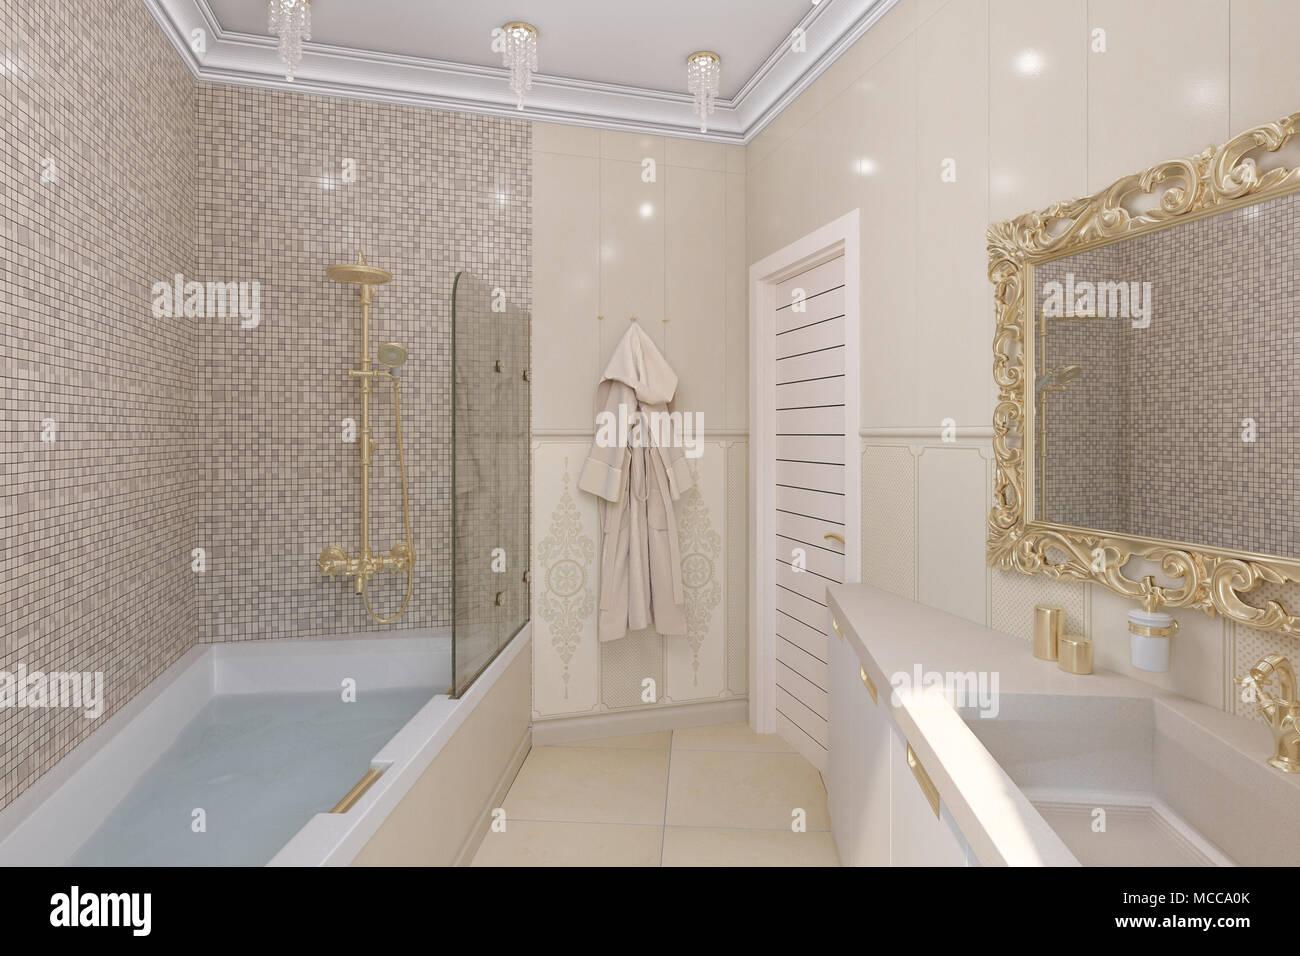 Bagno di lusso interior design in un classico stile architettonico